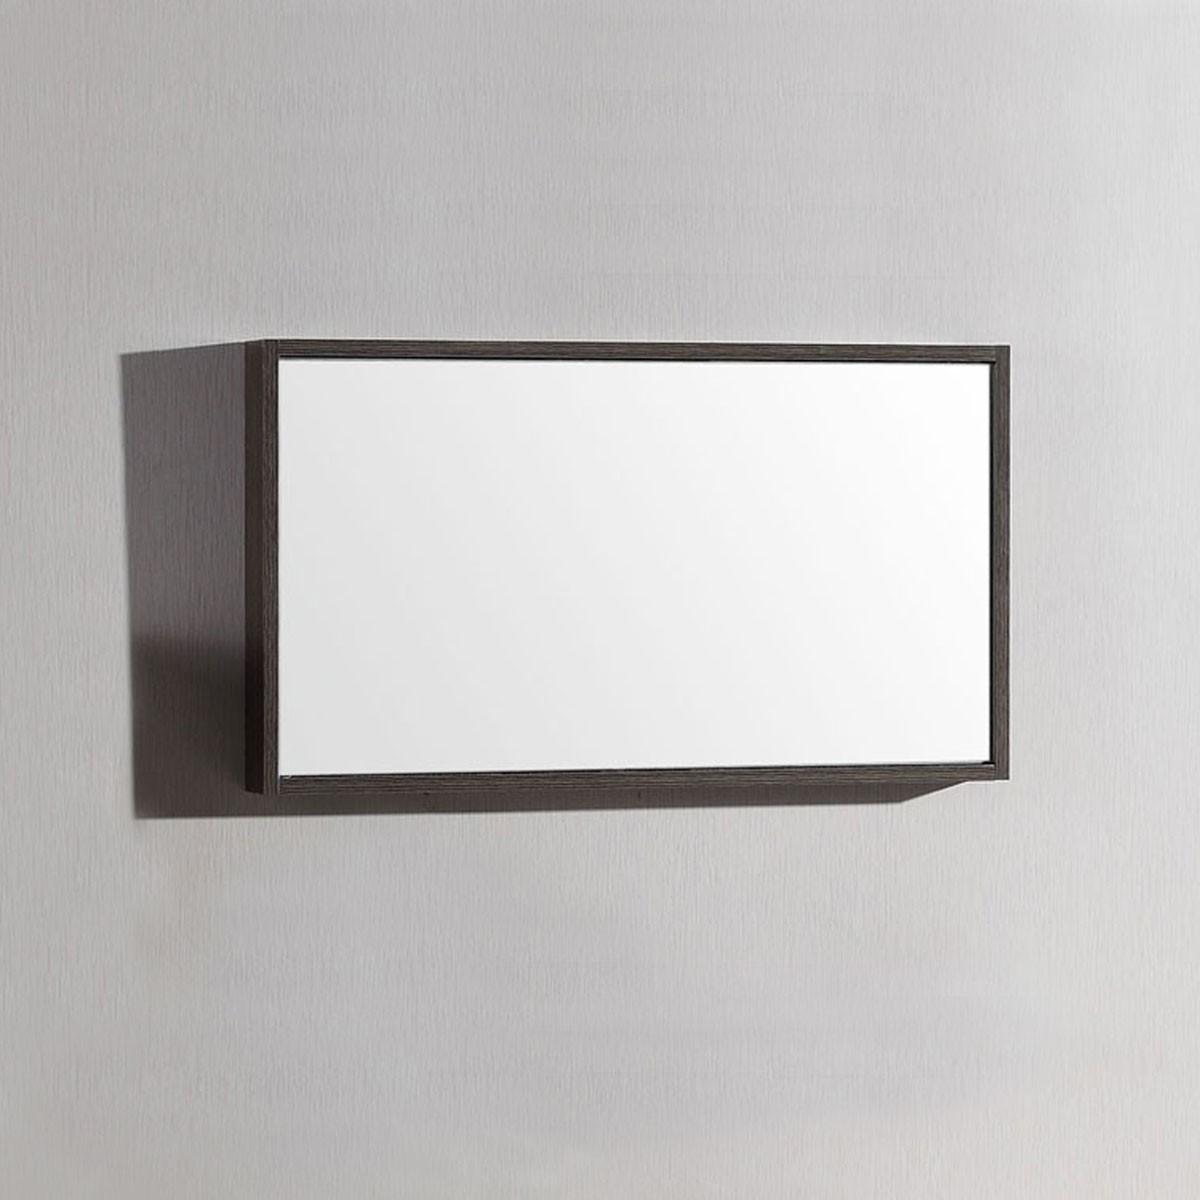 32 x 18 In. Bathroom Vanity Mirror (DK-T5165B-M)